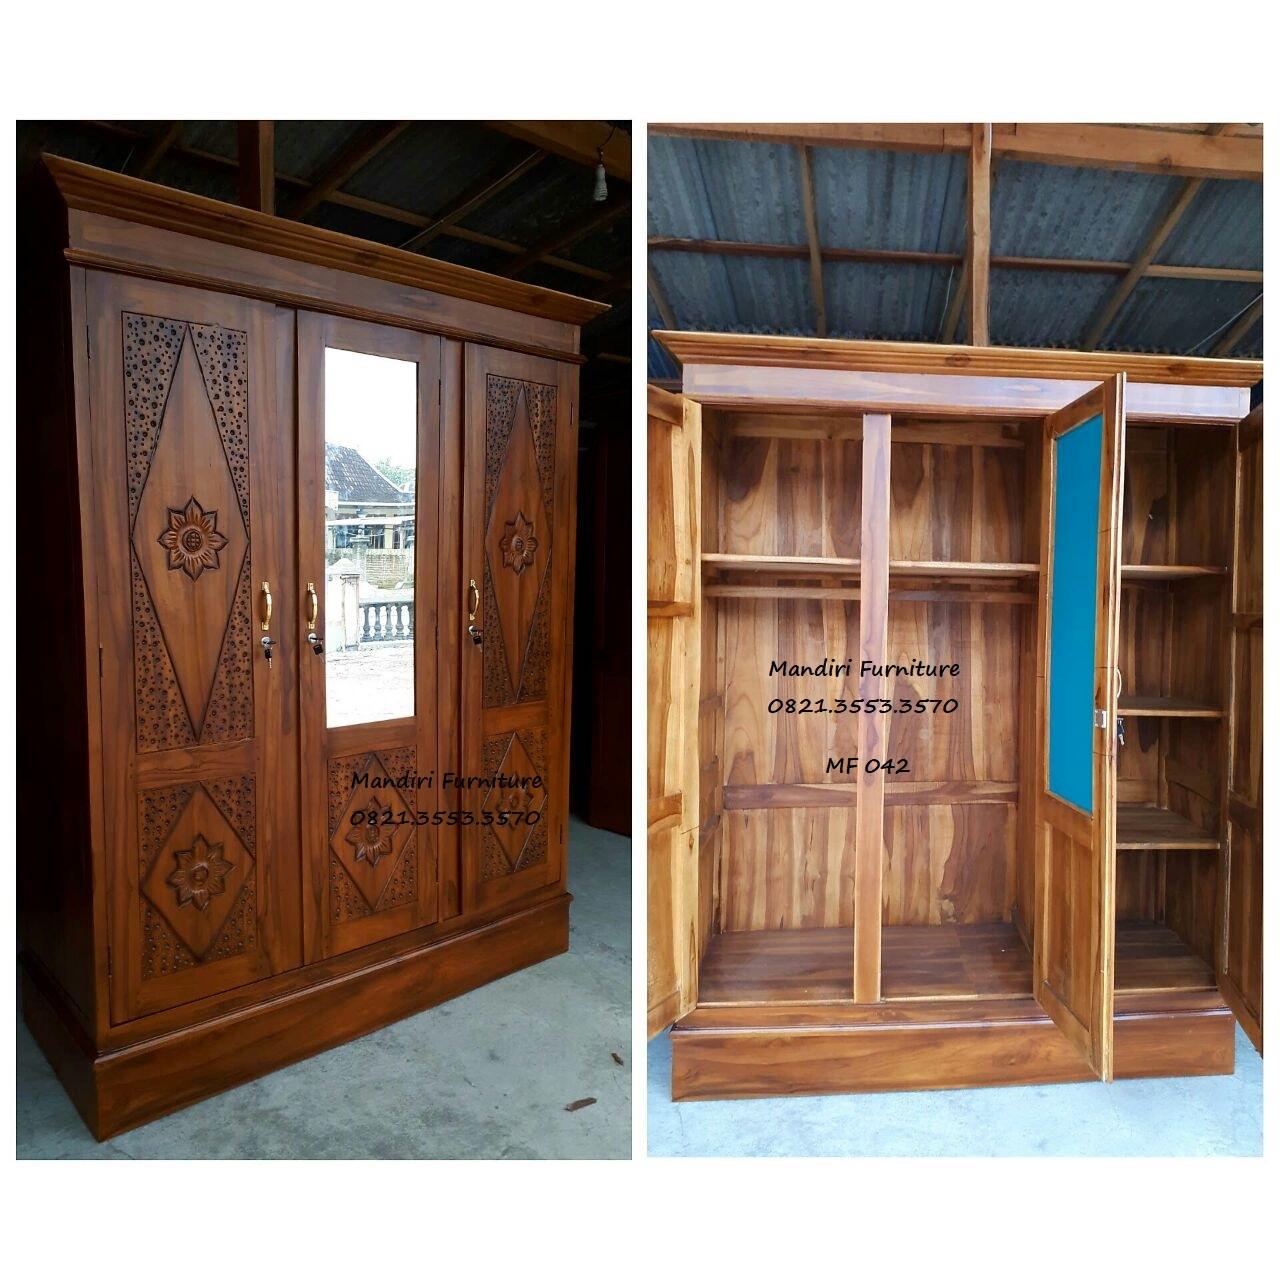 Pengrajin Furniture Mebel Jati Di Jogja 0821 3553 3570 Produsen Furniture Mebel Jati Pabrik Furniture Di Yogyakarta